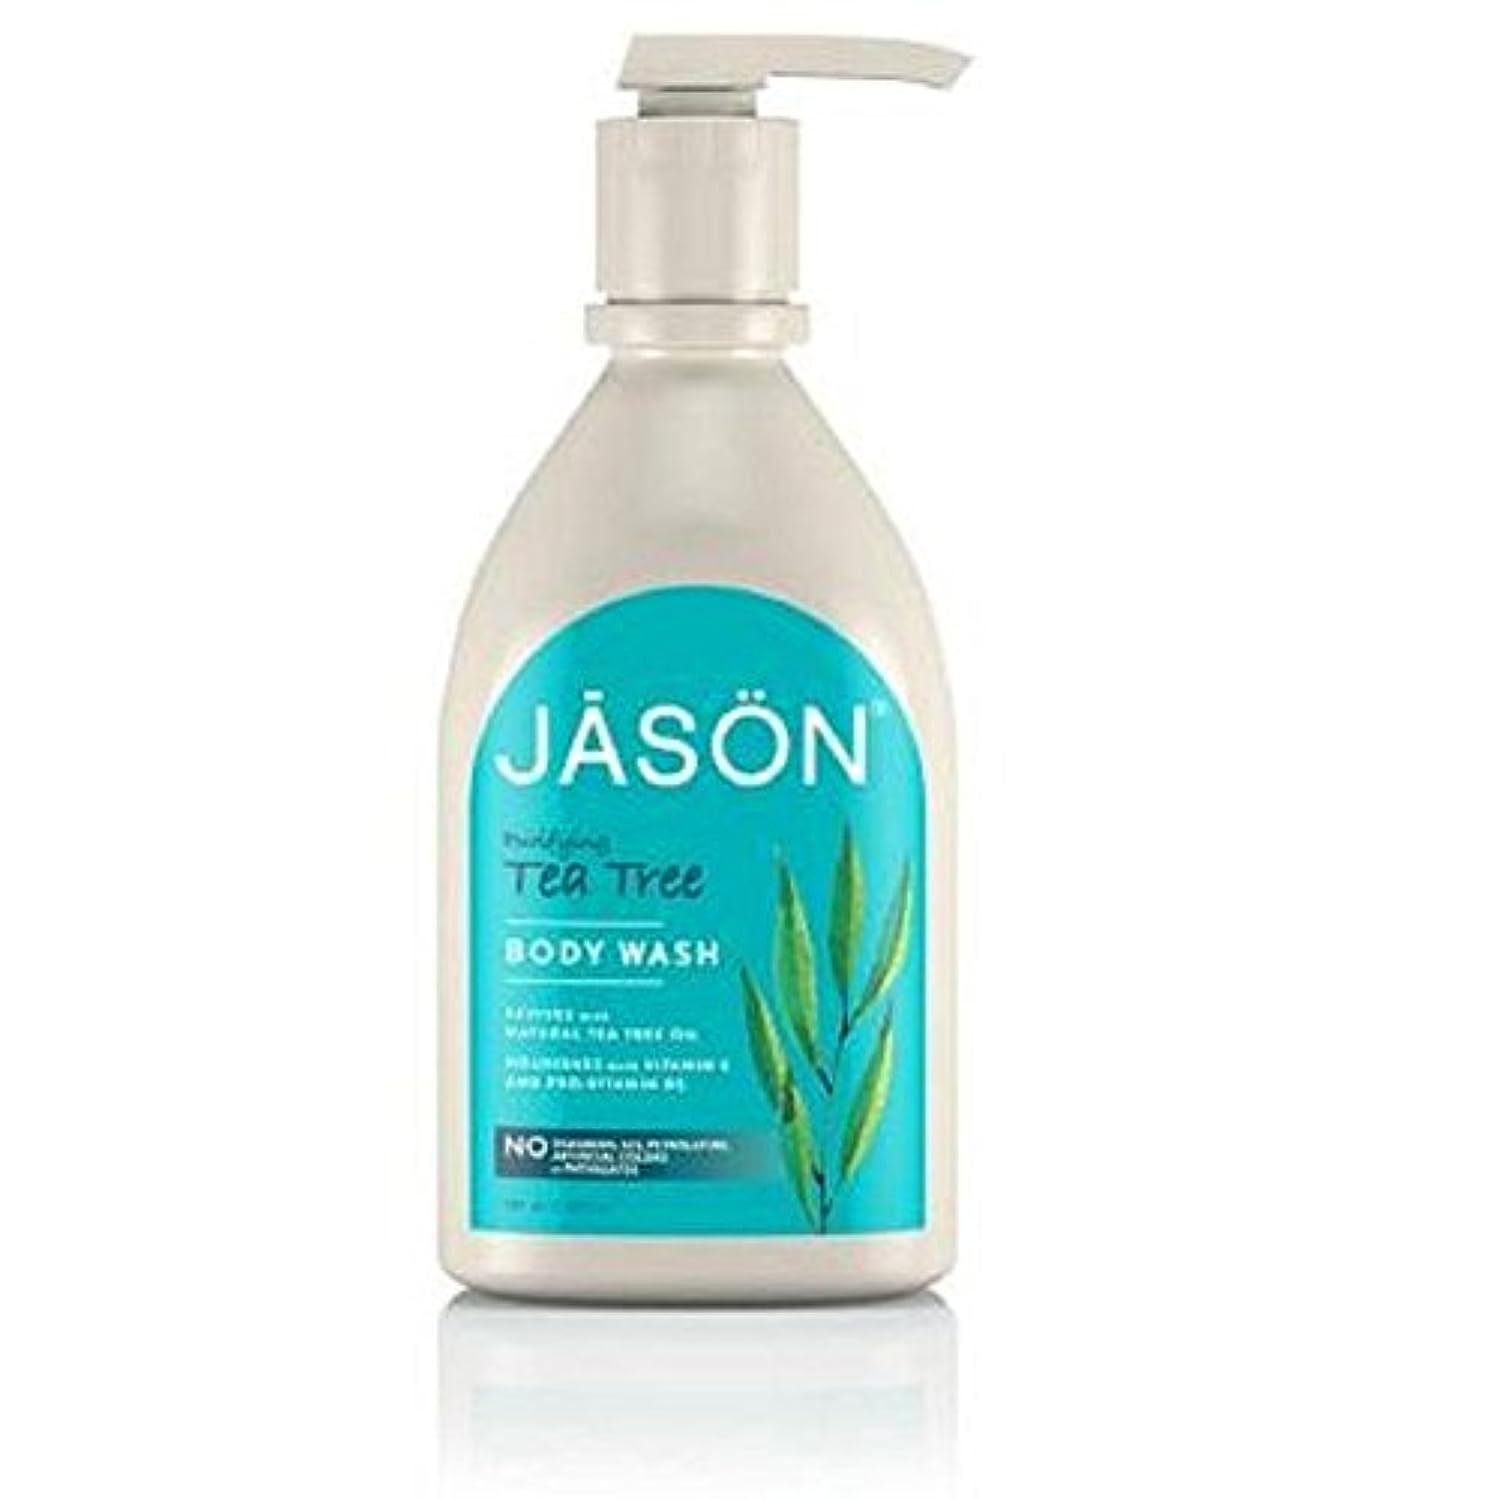 失効検査官グラディスジェイソン?ティーツリーサテンボディウォッシュポンプ900ミリリットル x2 - Jason Tea Tree Satin Body Wash Pump 900ml (Pack of 2) [並行輸入品]